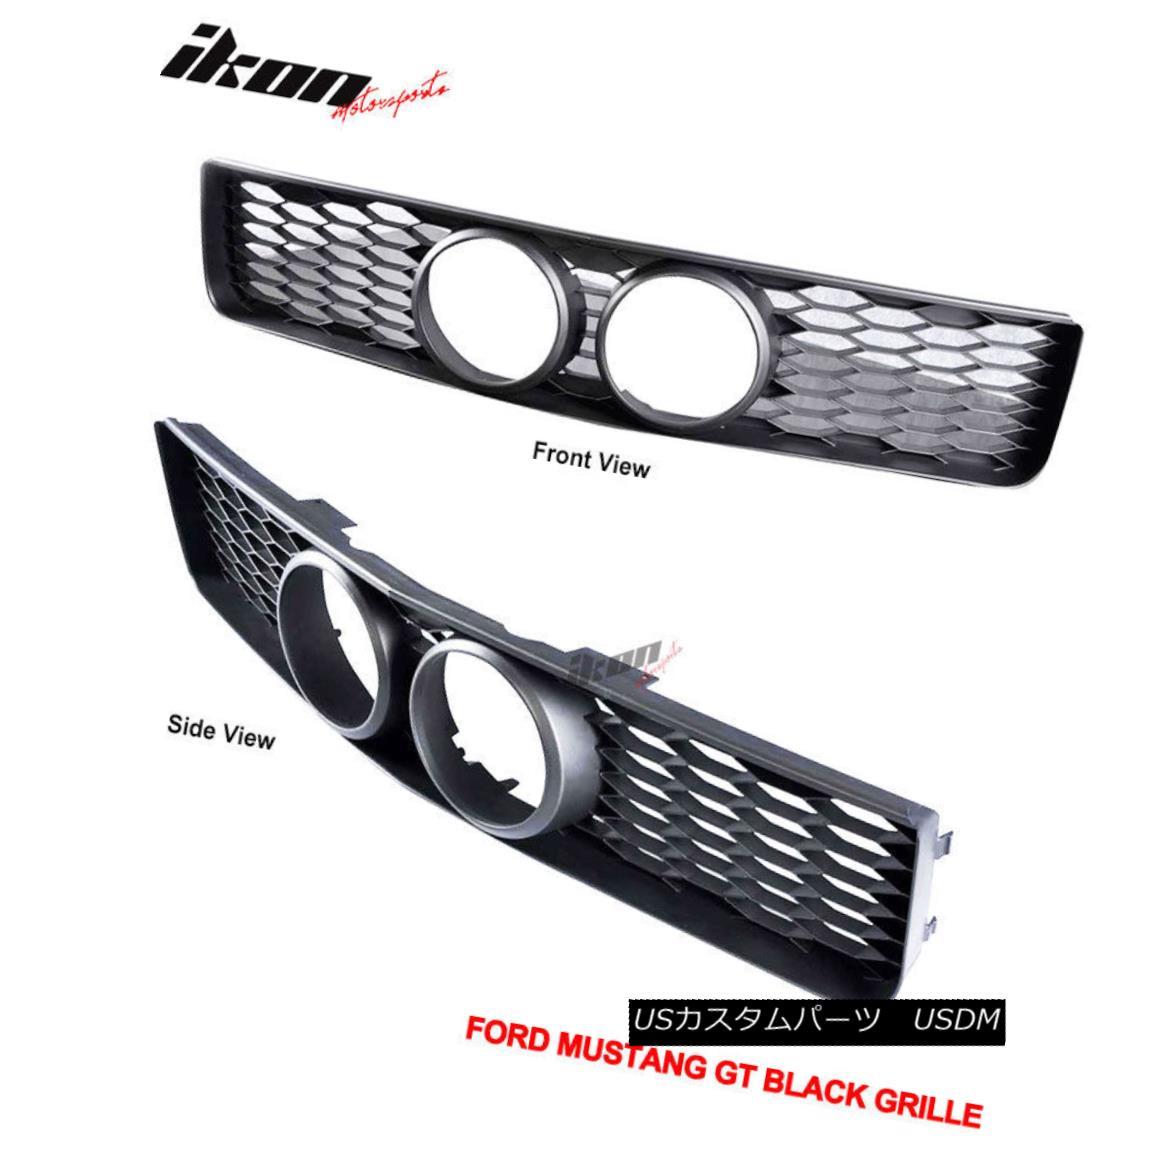 グリル Fits 05-09 Ford Mustang GT Black Front Grille & Center Fog Hole フィット05-09フォードマスタングGTブラックフロントグリル& センターフォグホール